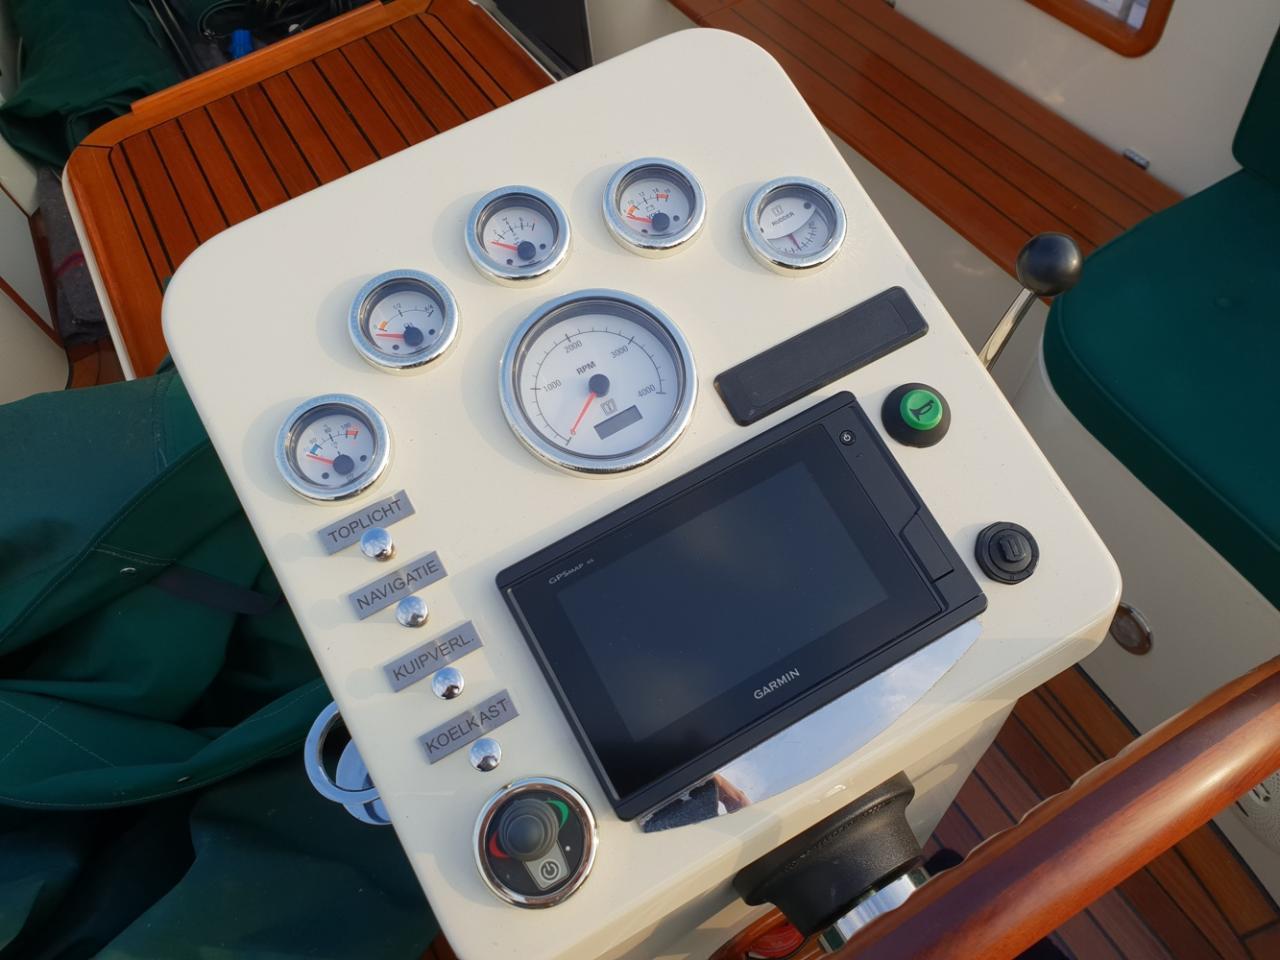 Maril 795 tender met Vetus 42 pk full options! 17